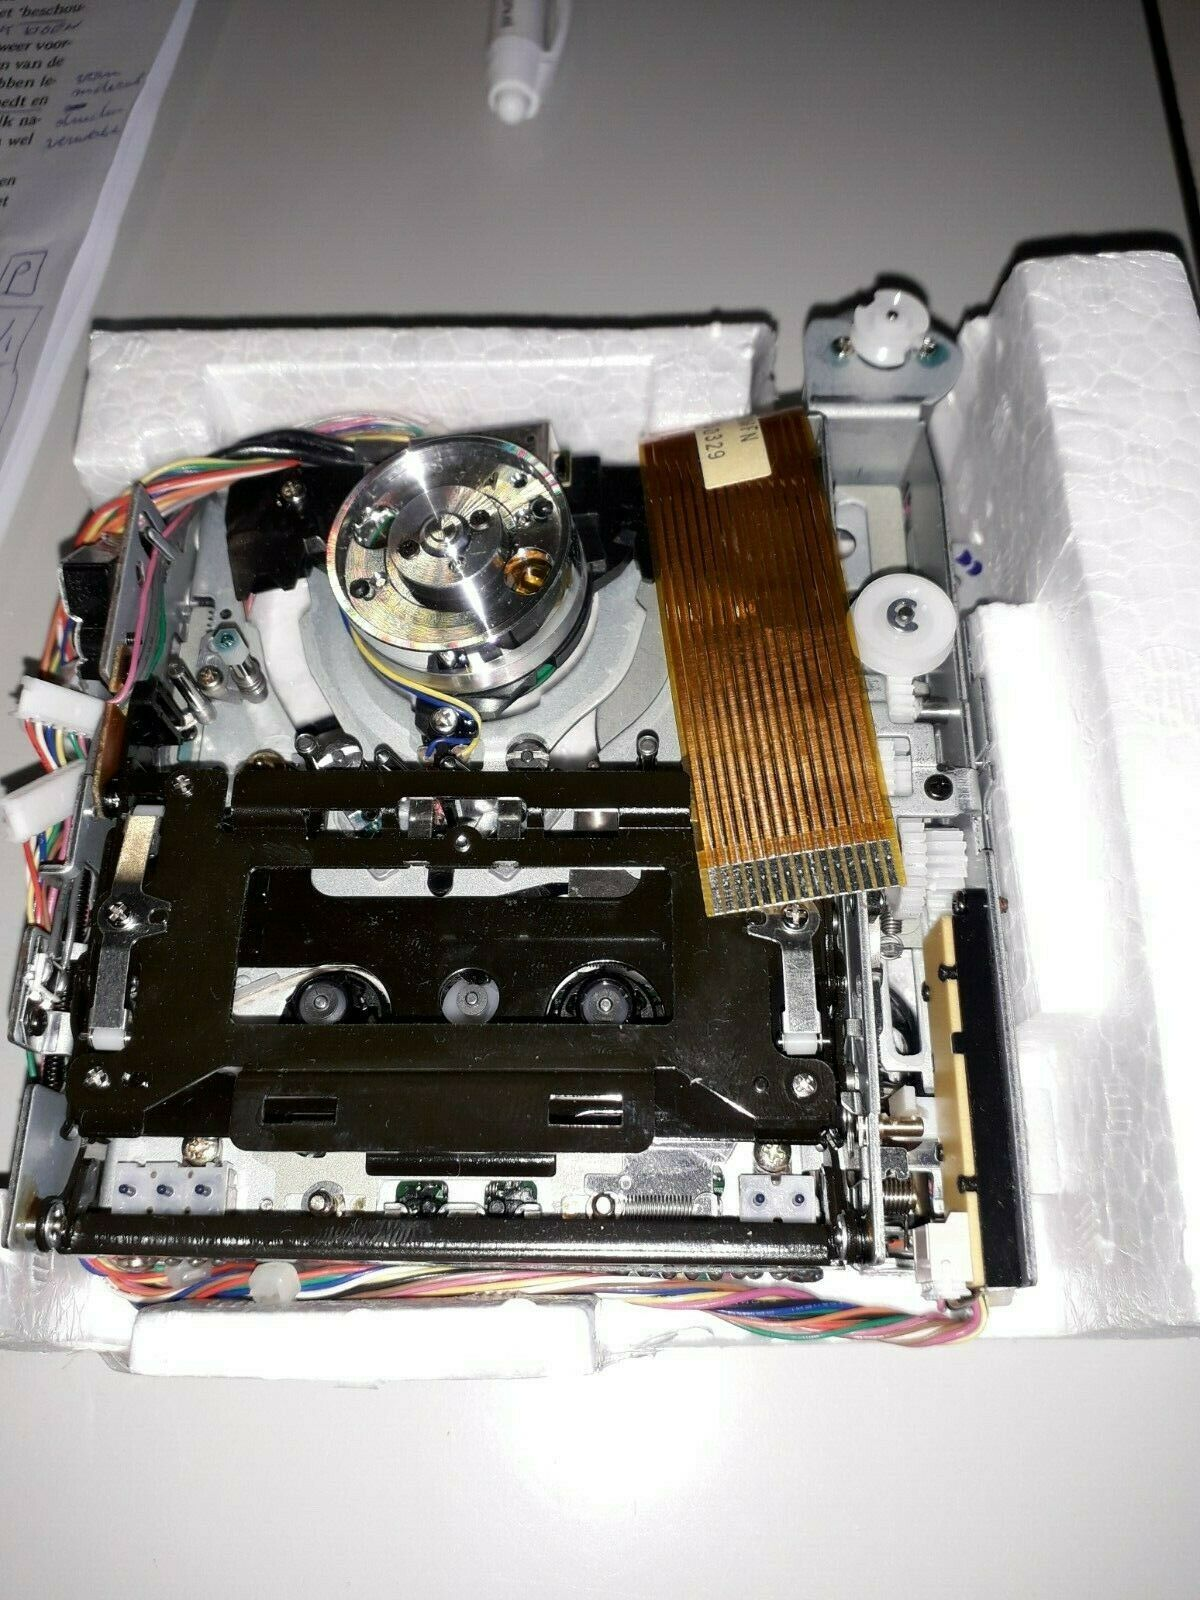 CASIO DA-2 DA-7 & TASCAM DA-P20 DAT-recorder mechanics